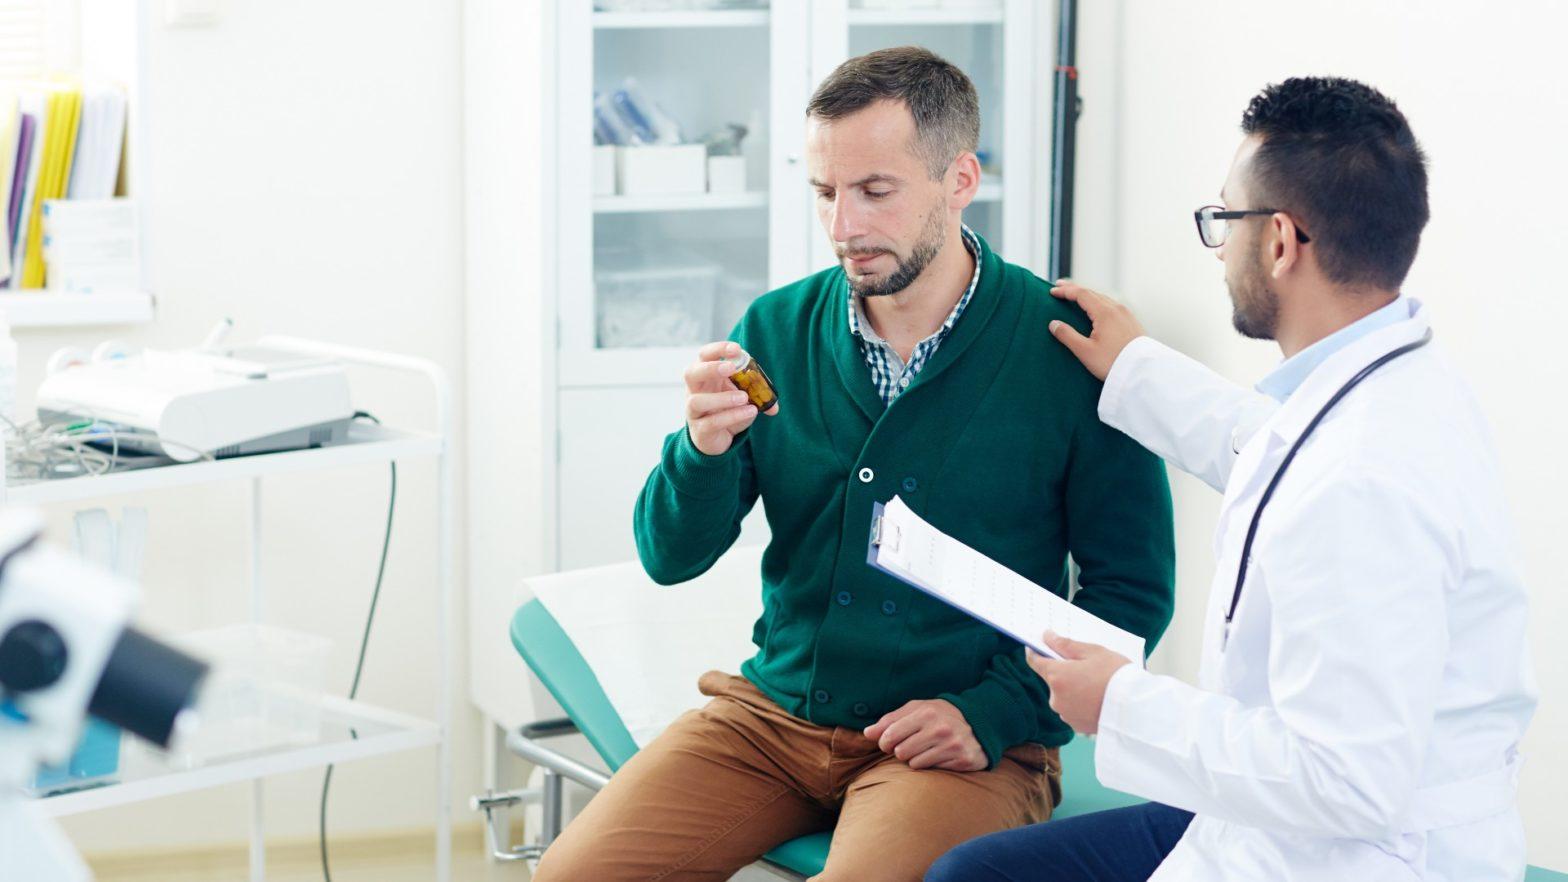 Homem sentado em um consultório, sendo consultado por especialista